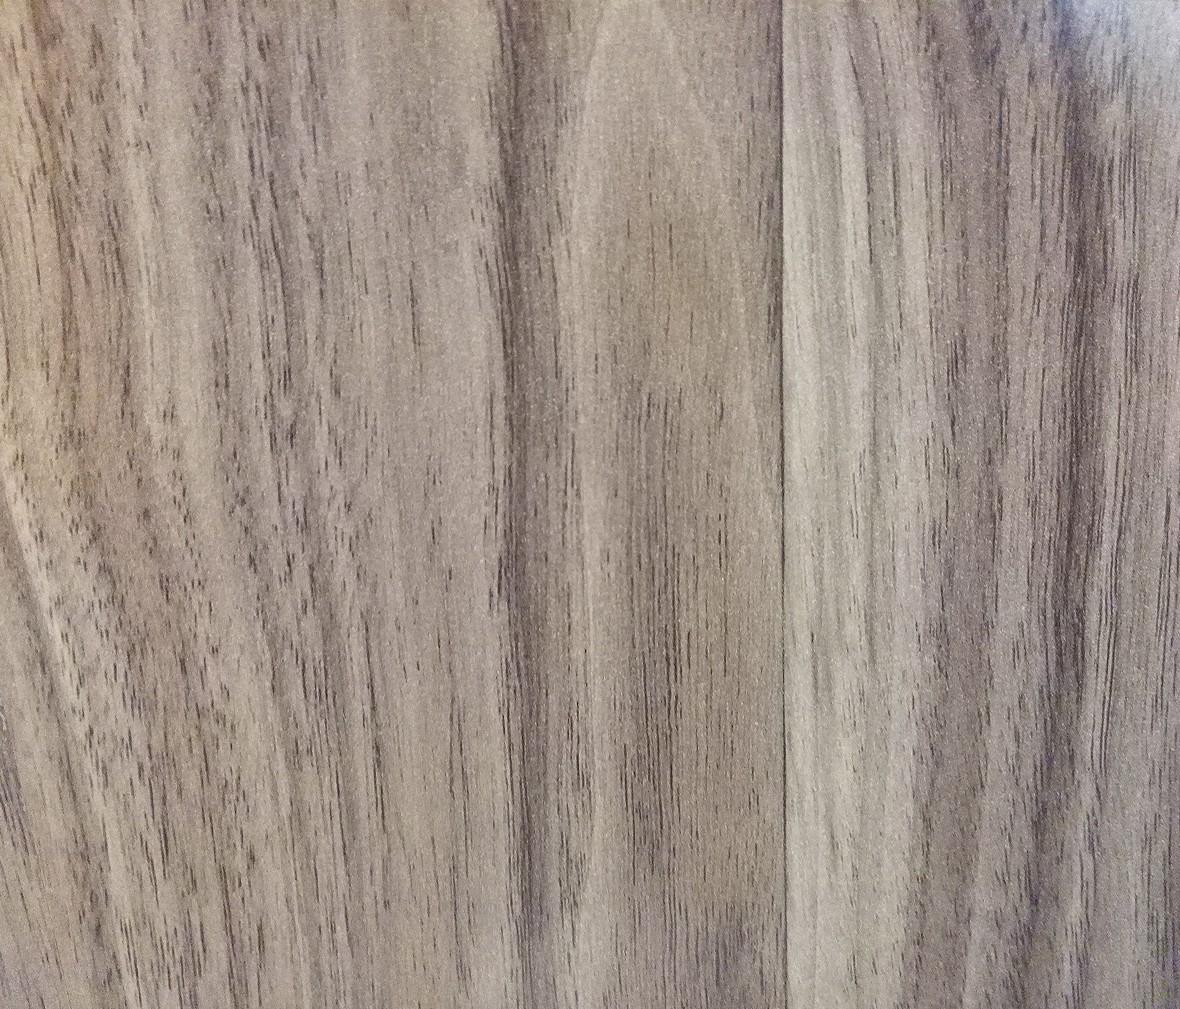 圣象地板 撒丁岛夏日PY4253型号强化复合地板 高密度板 适于地暖 商品细节